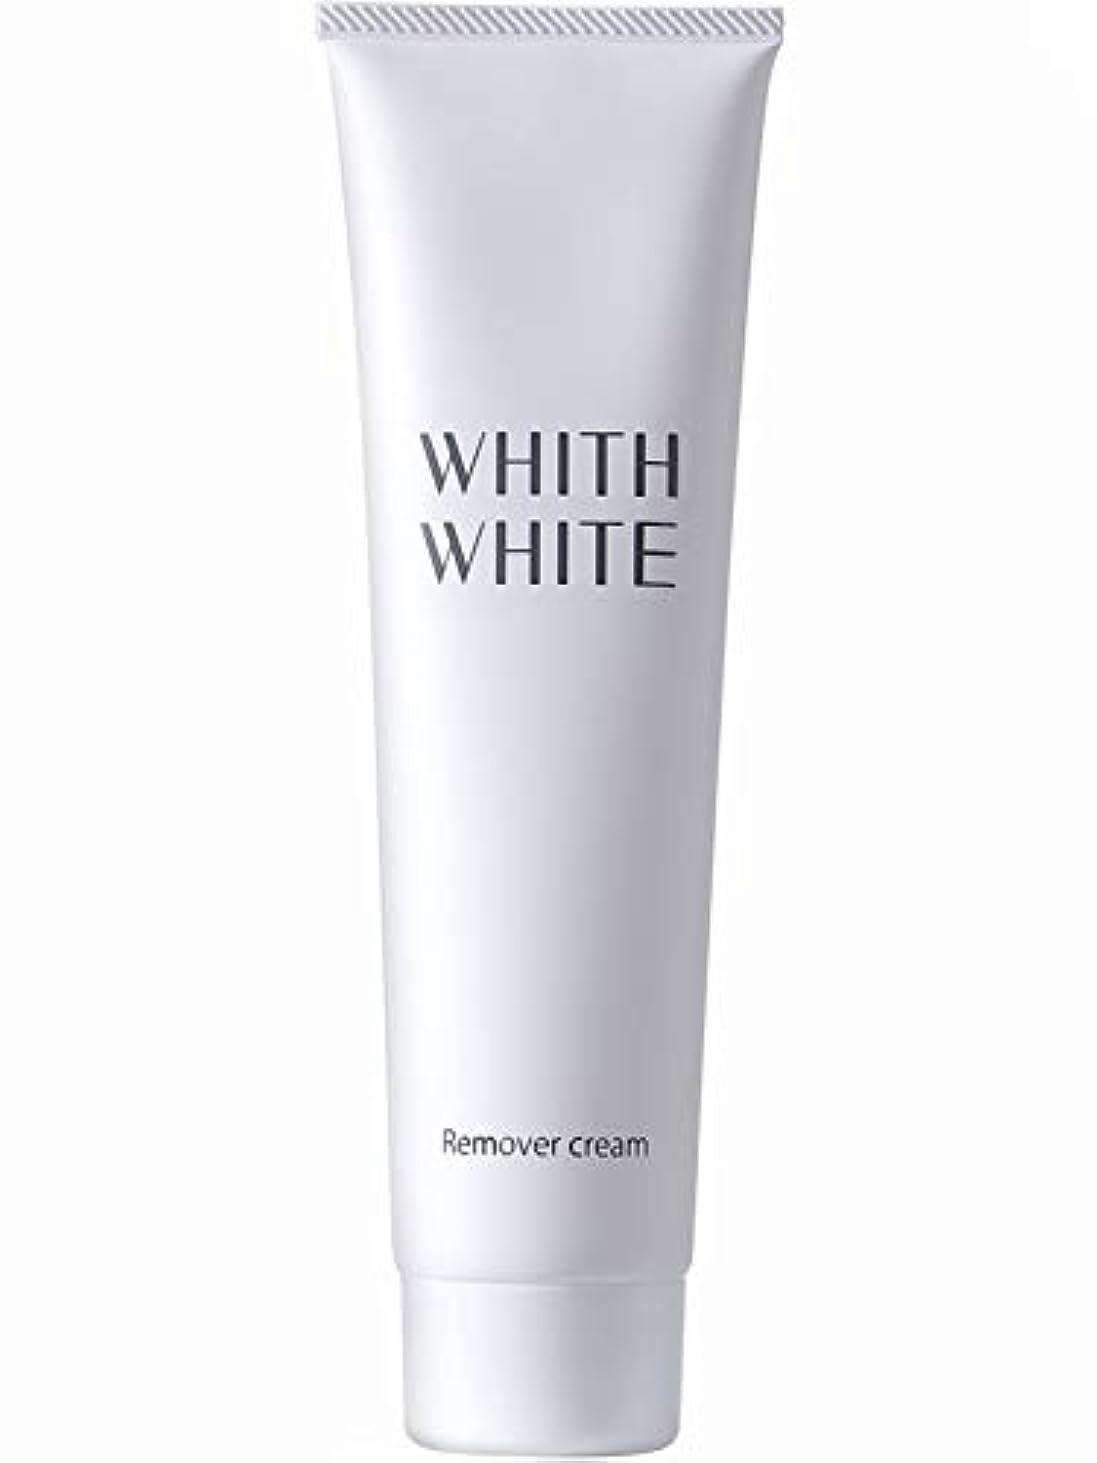 ルー最後のトランスミッション【医薬部外品】 WHITH WHITE(フィス ホワイト) 除毛クリーム 150g 陰部 使用可能